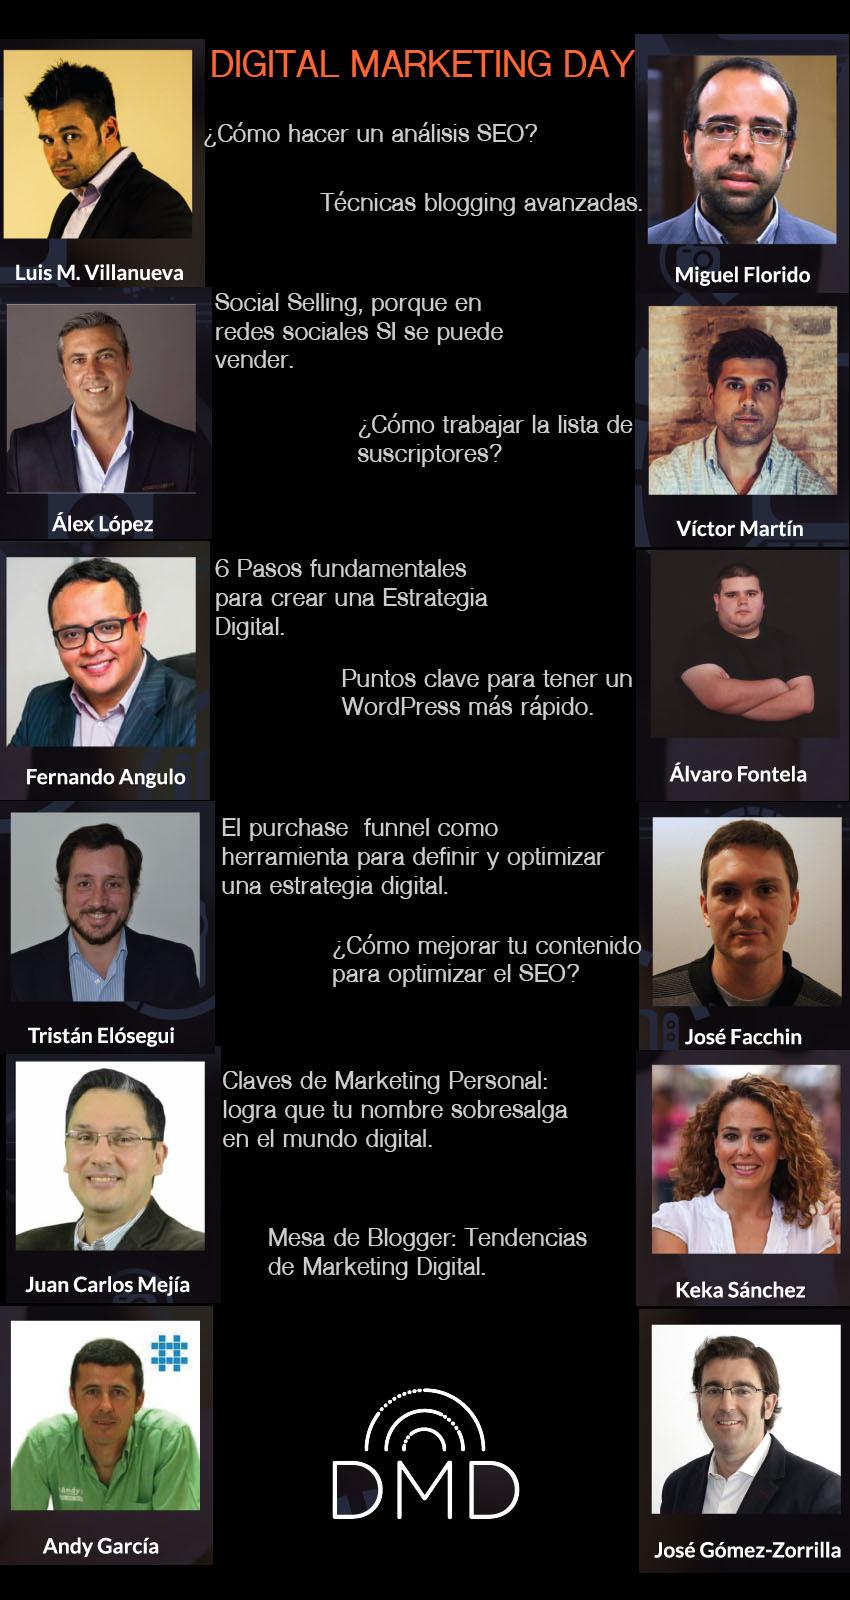 Infografia del evento digital marketing day